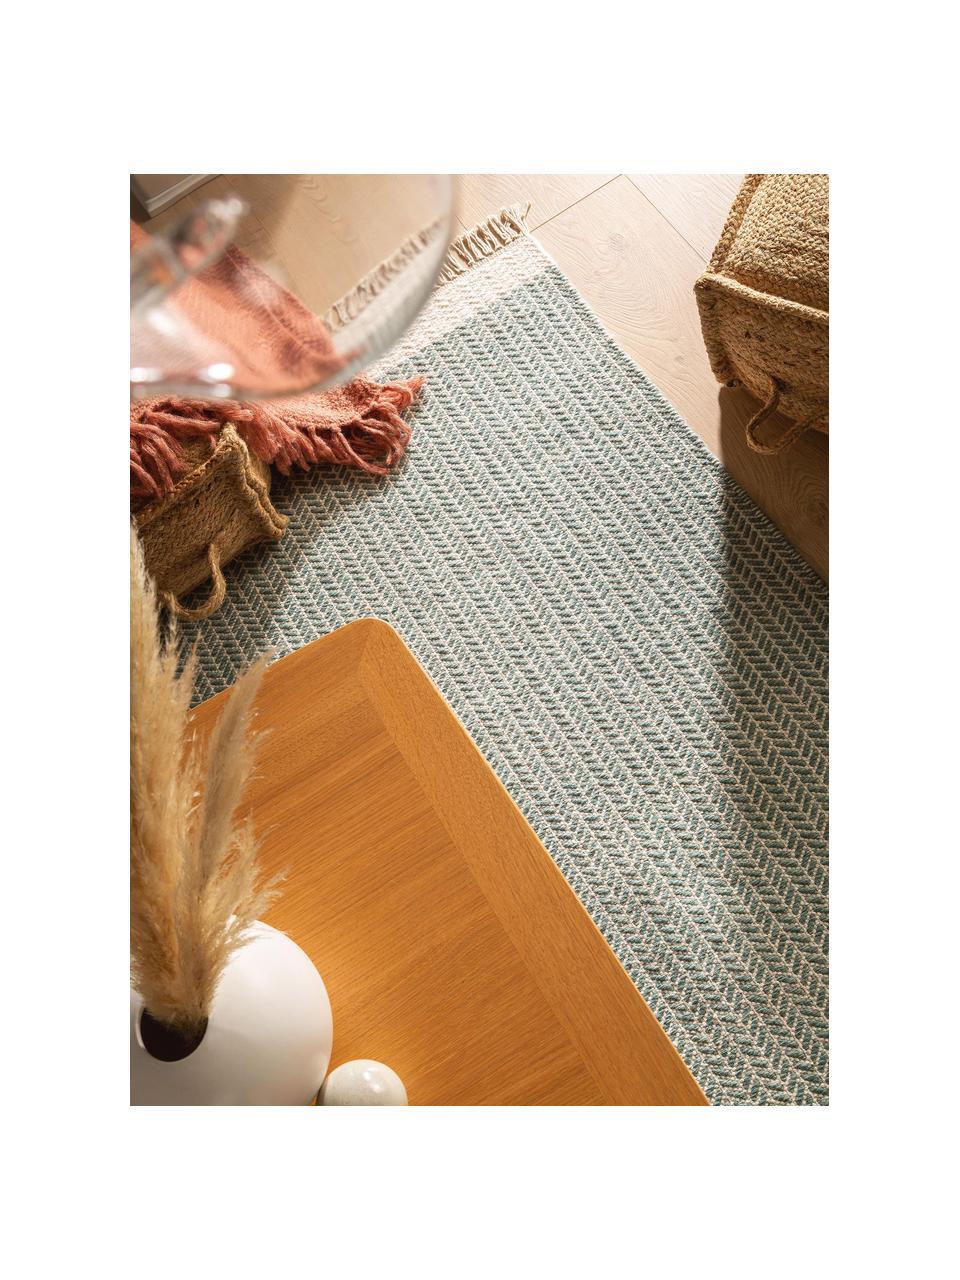 Ręcznie tkany dywan z wełny z frędzlami Kim, 80% wełna, 20% bawełna Włókna dywanów wełnianych mogą nieznacznie rozluźniać się w pierwszych tygodniach użytkowania, co ustępuje po pewnym czasie, Zielony, kremowy, S 120 x D 170 cm (Rozmiar S)